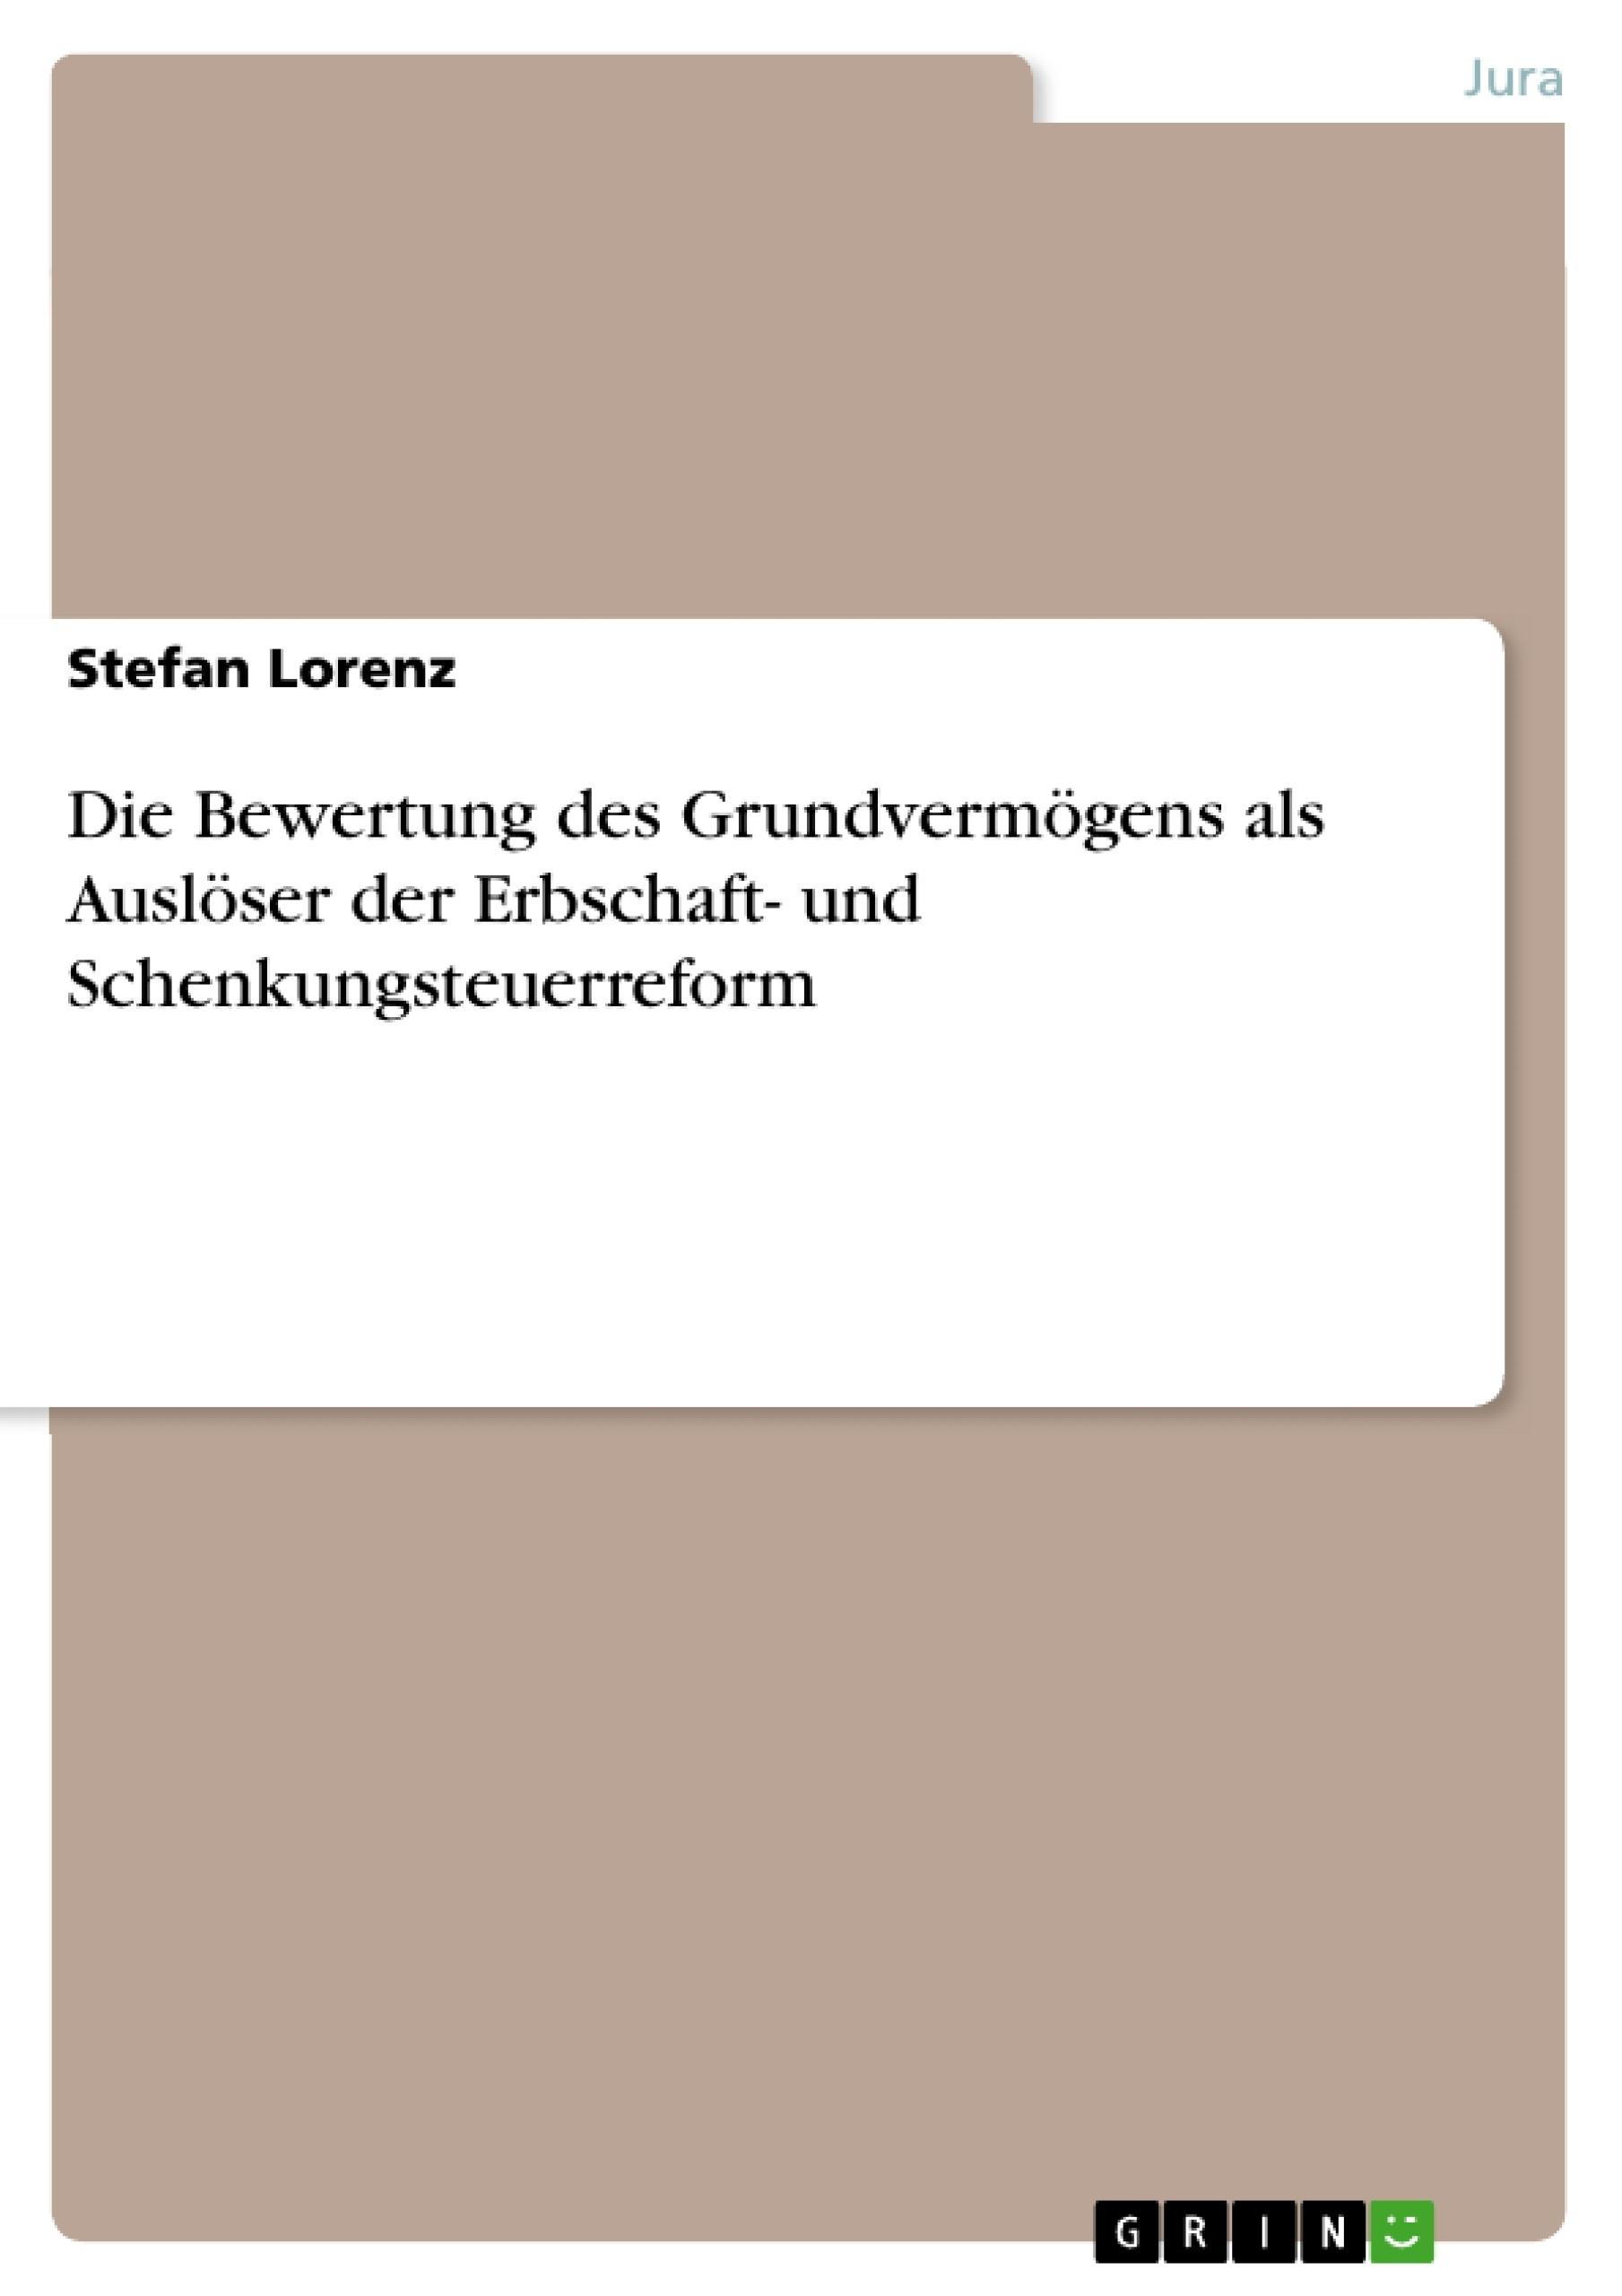 Titel: Die Bewertung des Grundvermögens als Auslöser der Erbschaft- und Schenkungsteuerreform